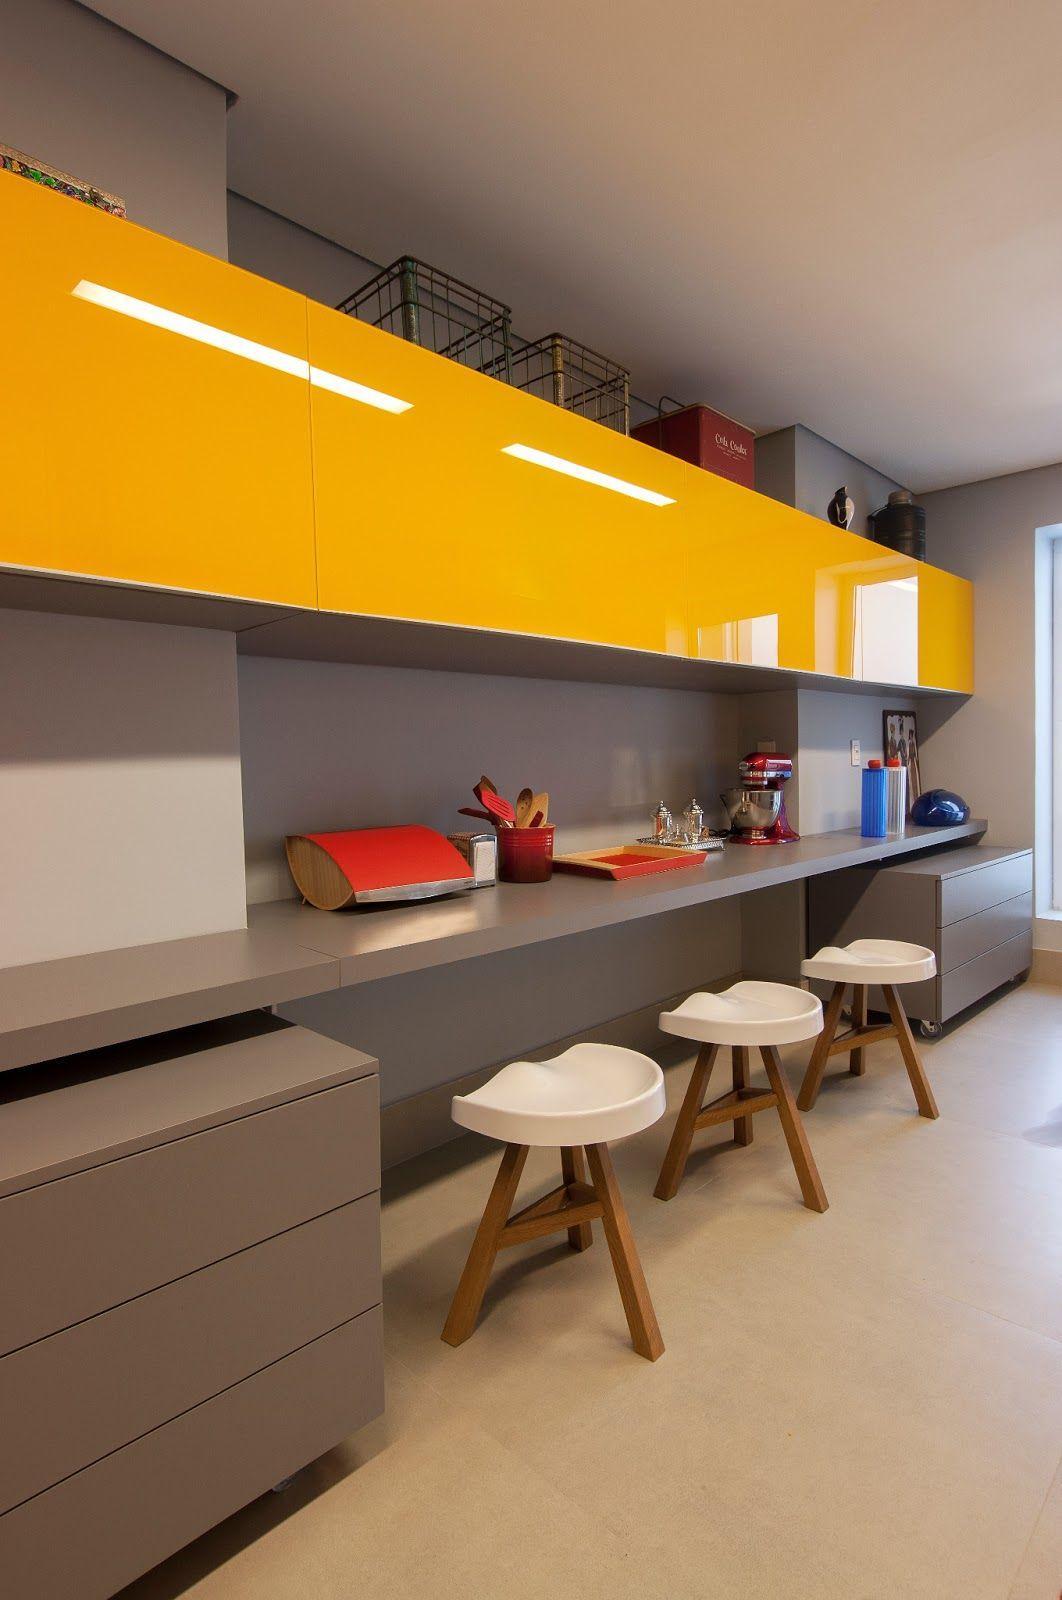 Foto: Reprodução / AMC - Arquitetura